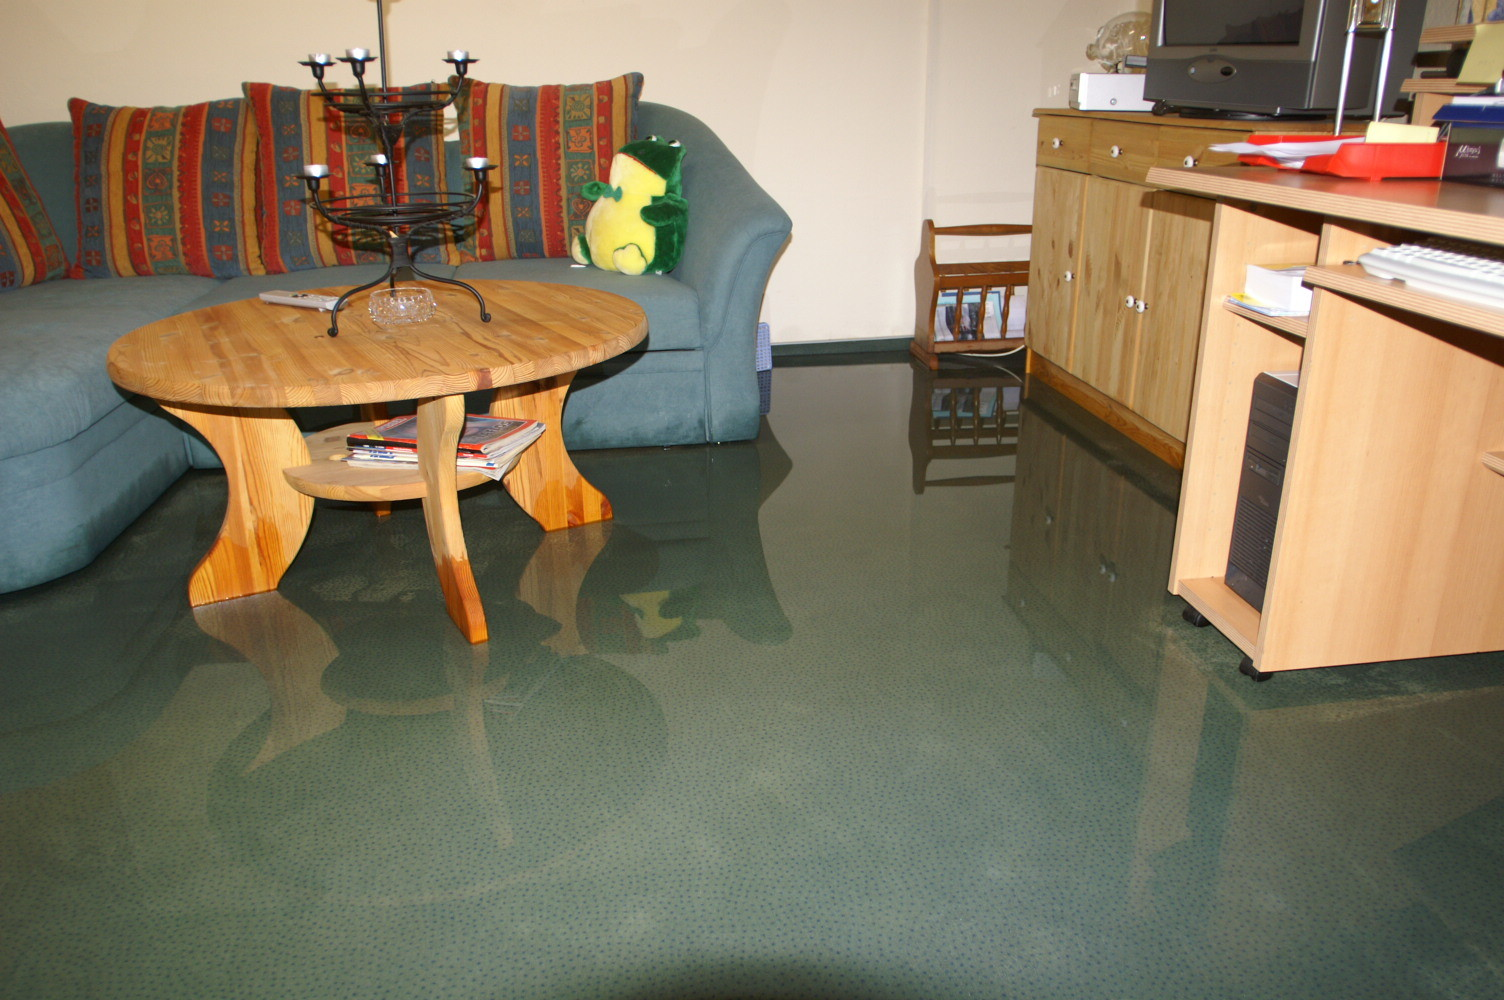 Wassereinbrüche wegen defekter Aufstetzfuge